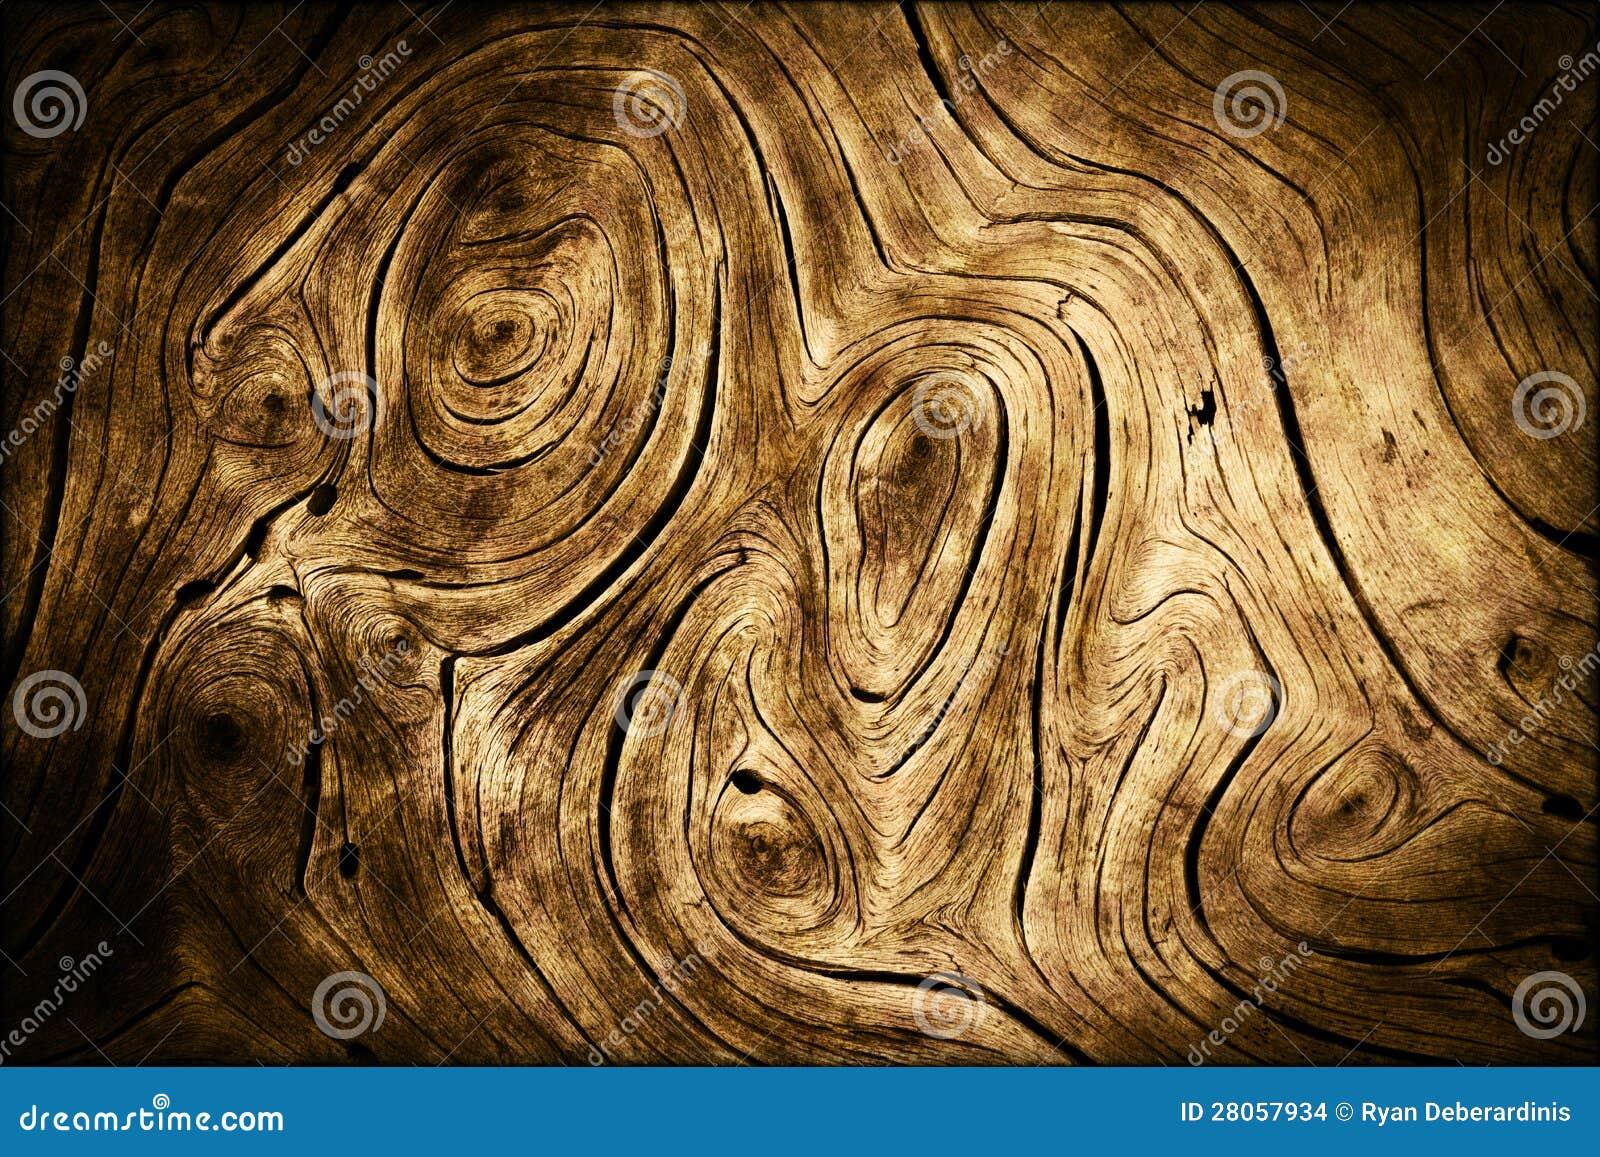 dark wood swirls organic background texture stock photo